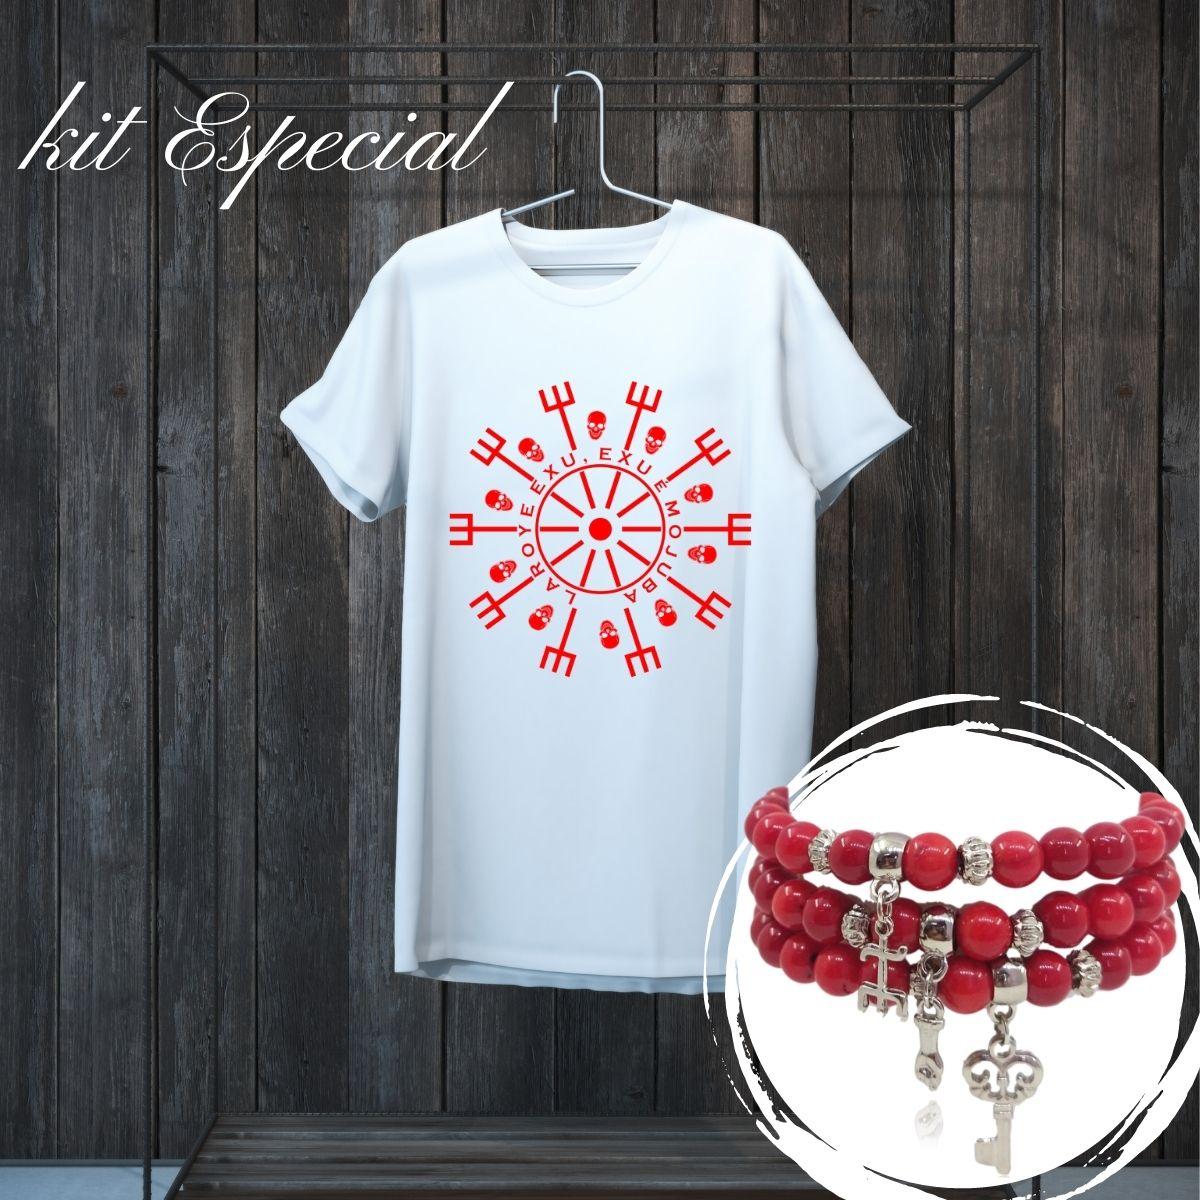 Kit de Exú - Pulseira e Camiseta